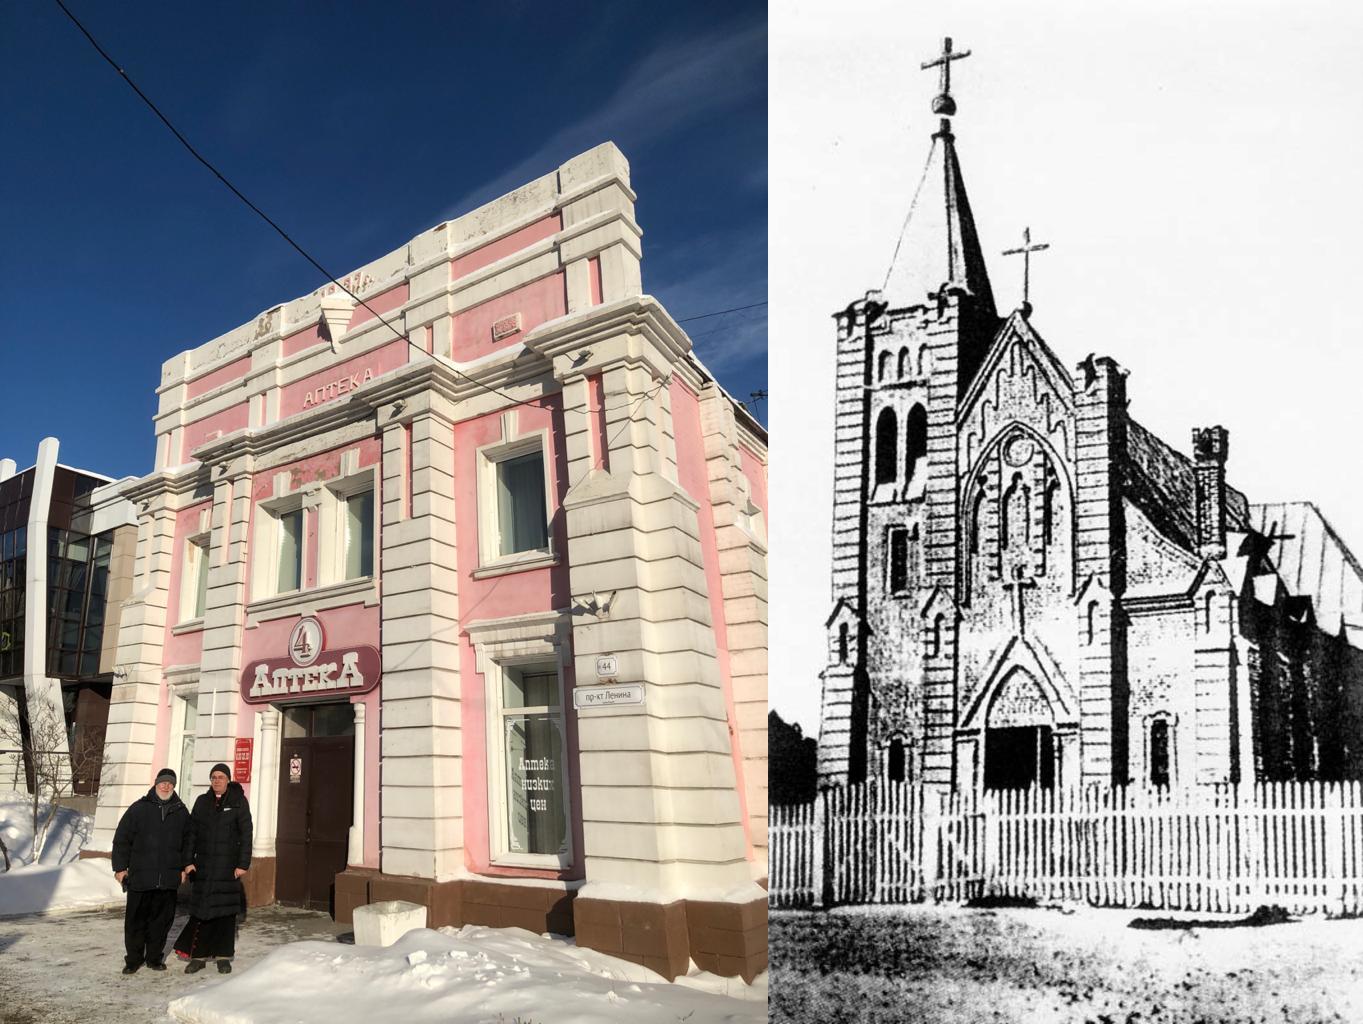 Историческое здание храма в центре Барнаула передано местной католической общине